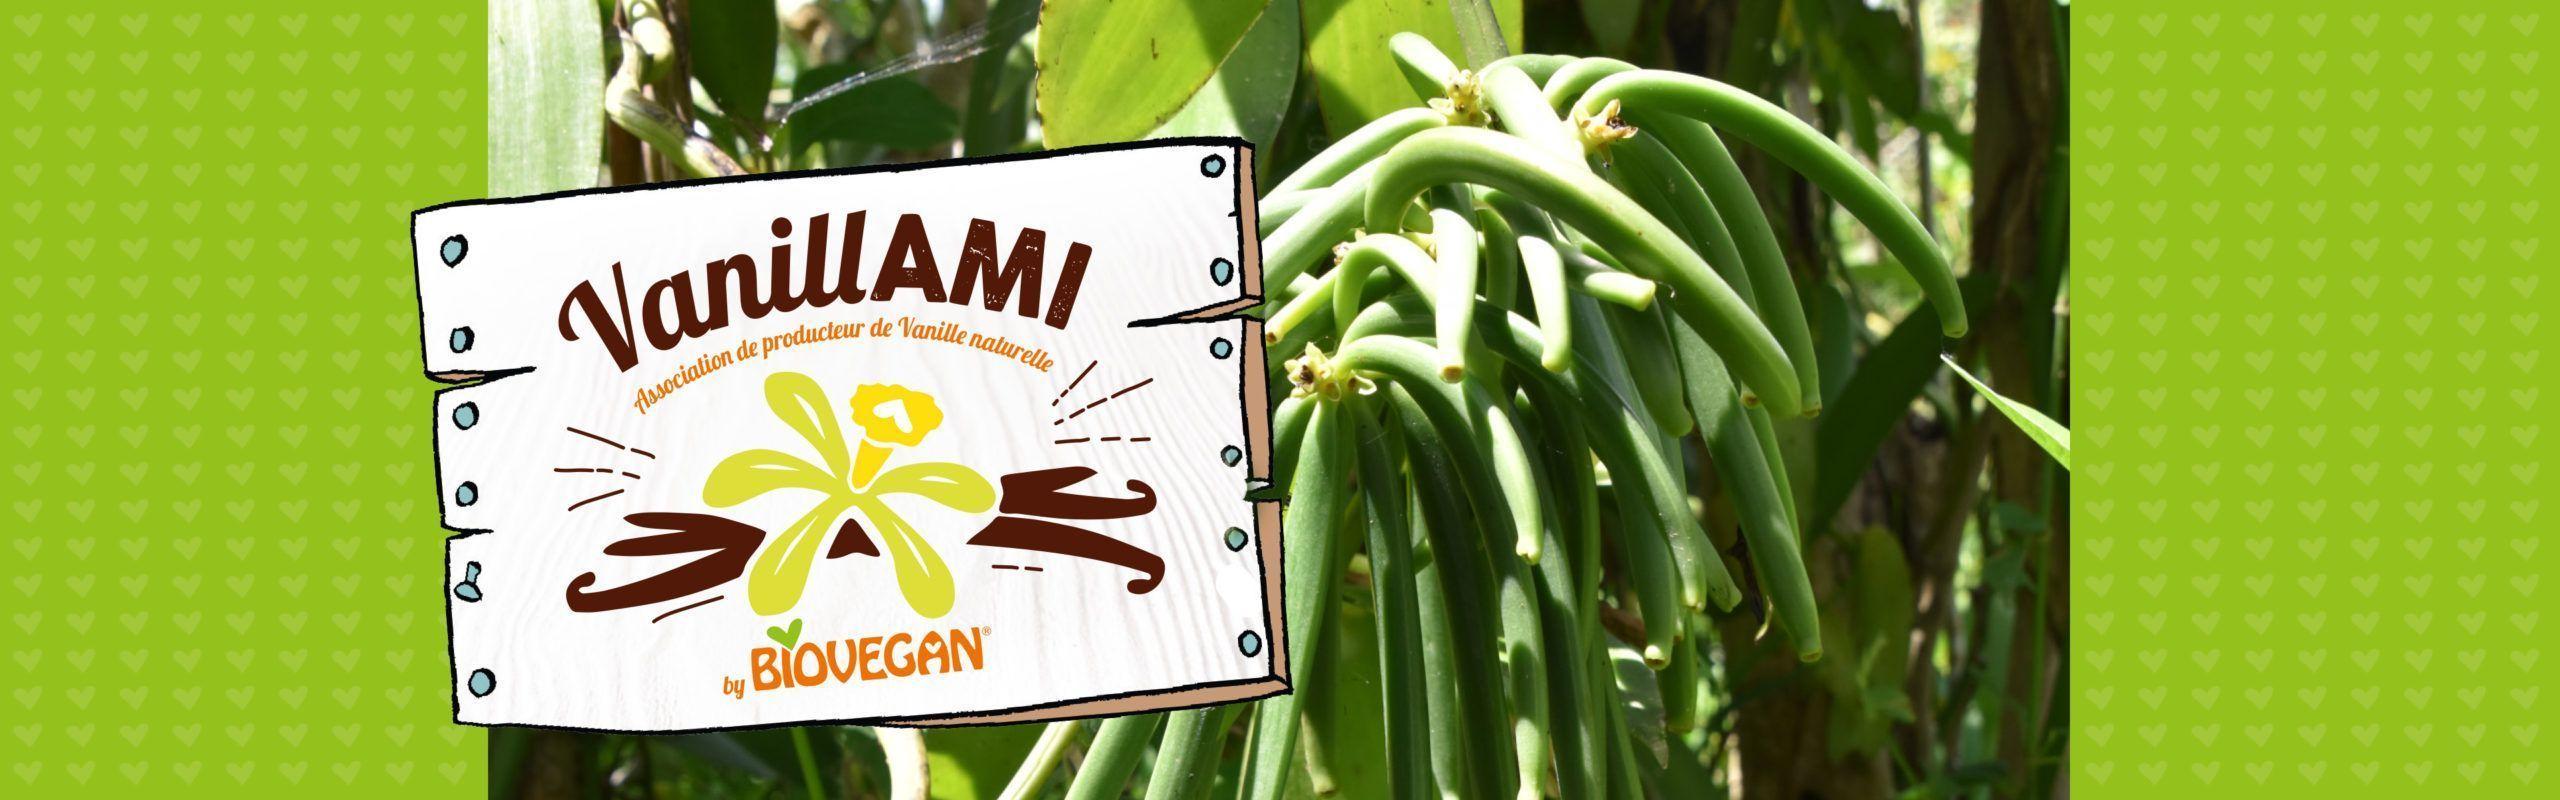 Logo der VanillAMI Kooperative